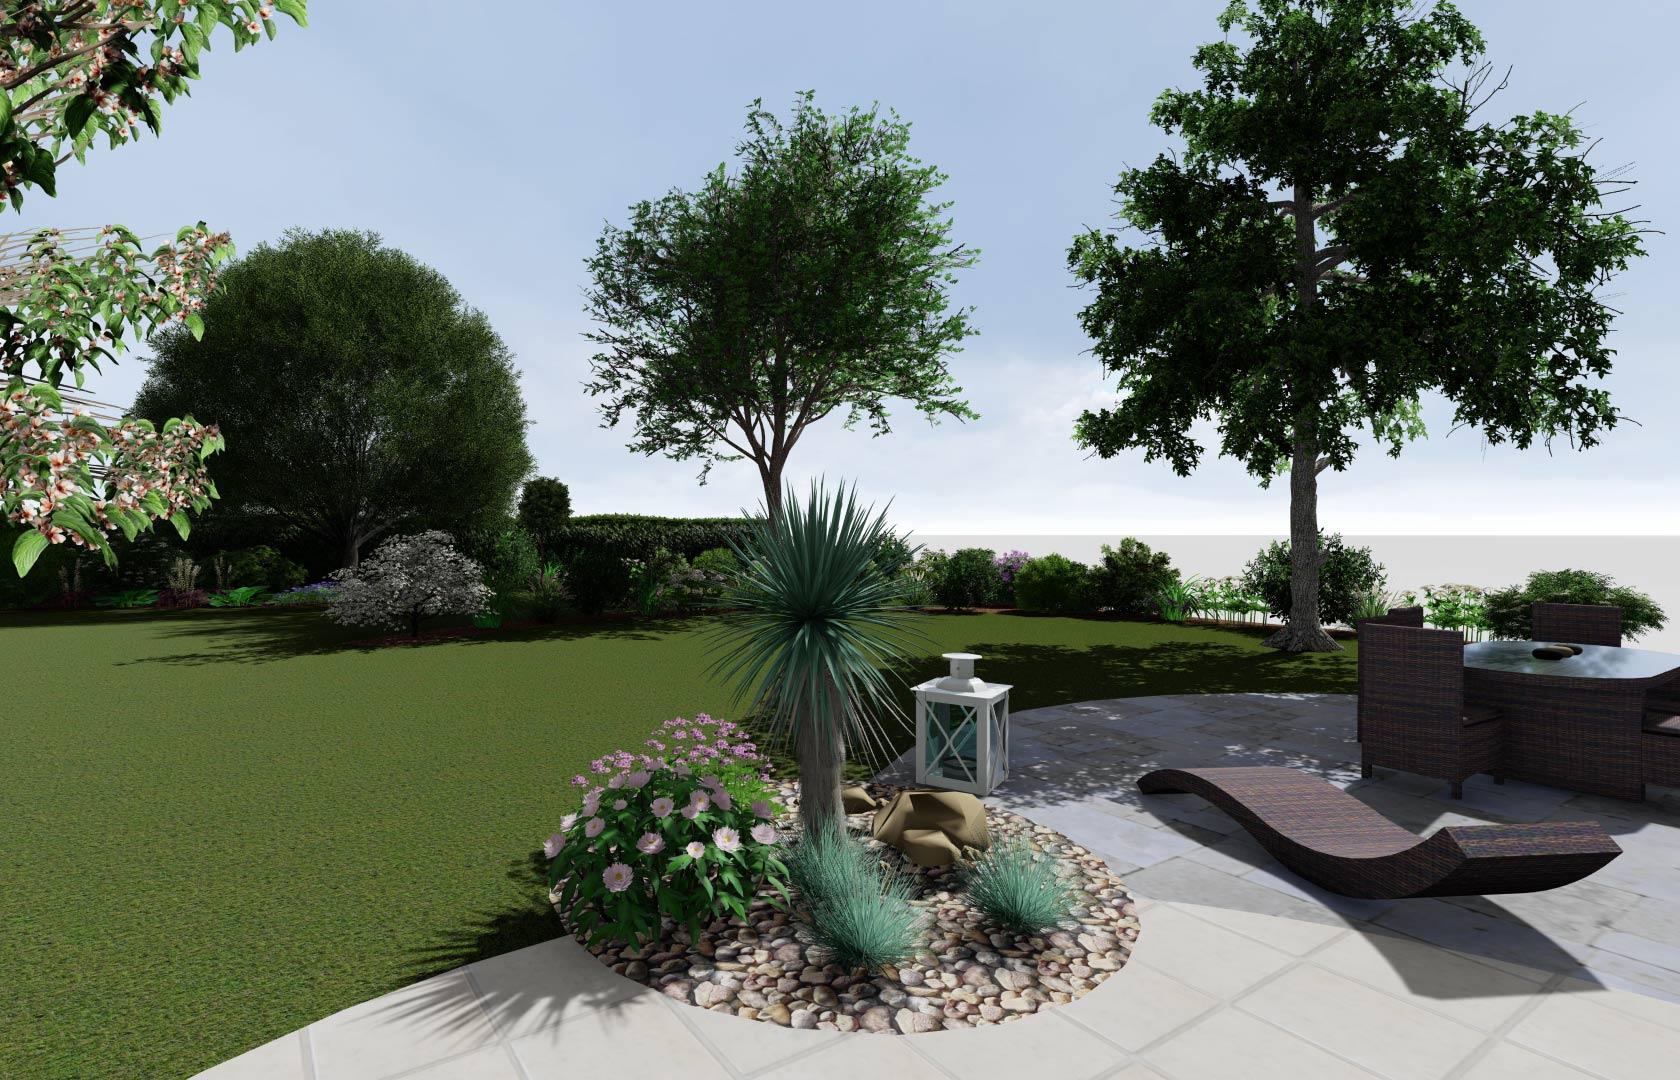 Serrault Jardins créateur de jardins, est une entreprise qui réalise des terrasses.